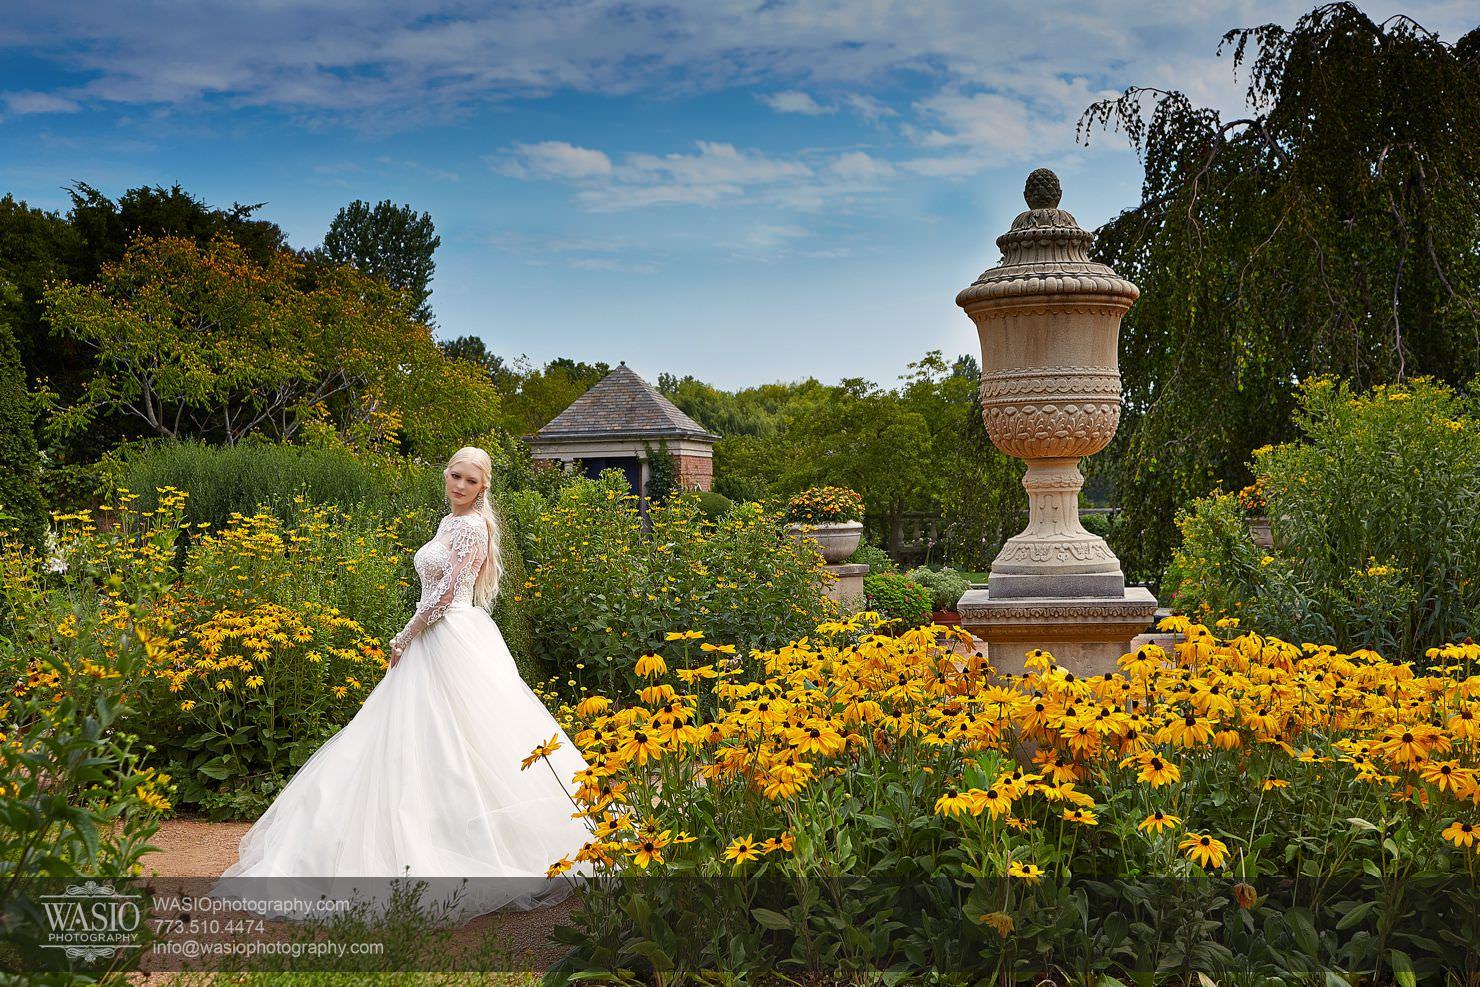 chicago-botanic-garden-classy-bride-summer-wedding-009 Chicago Botanic Garden - Classy Bride